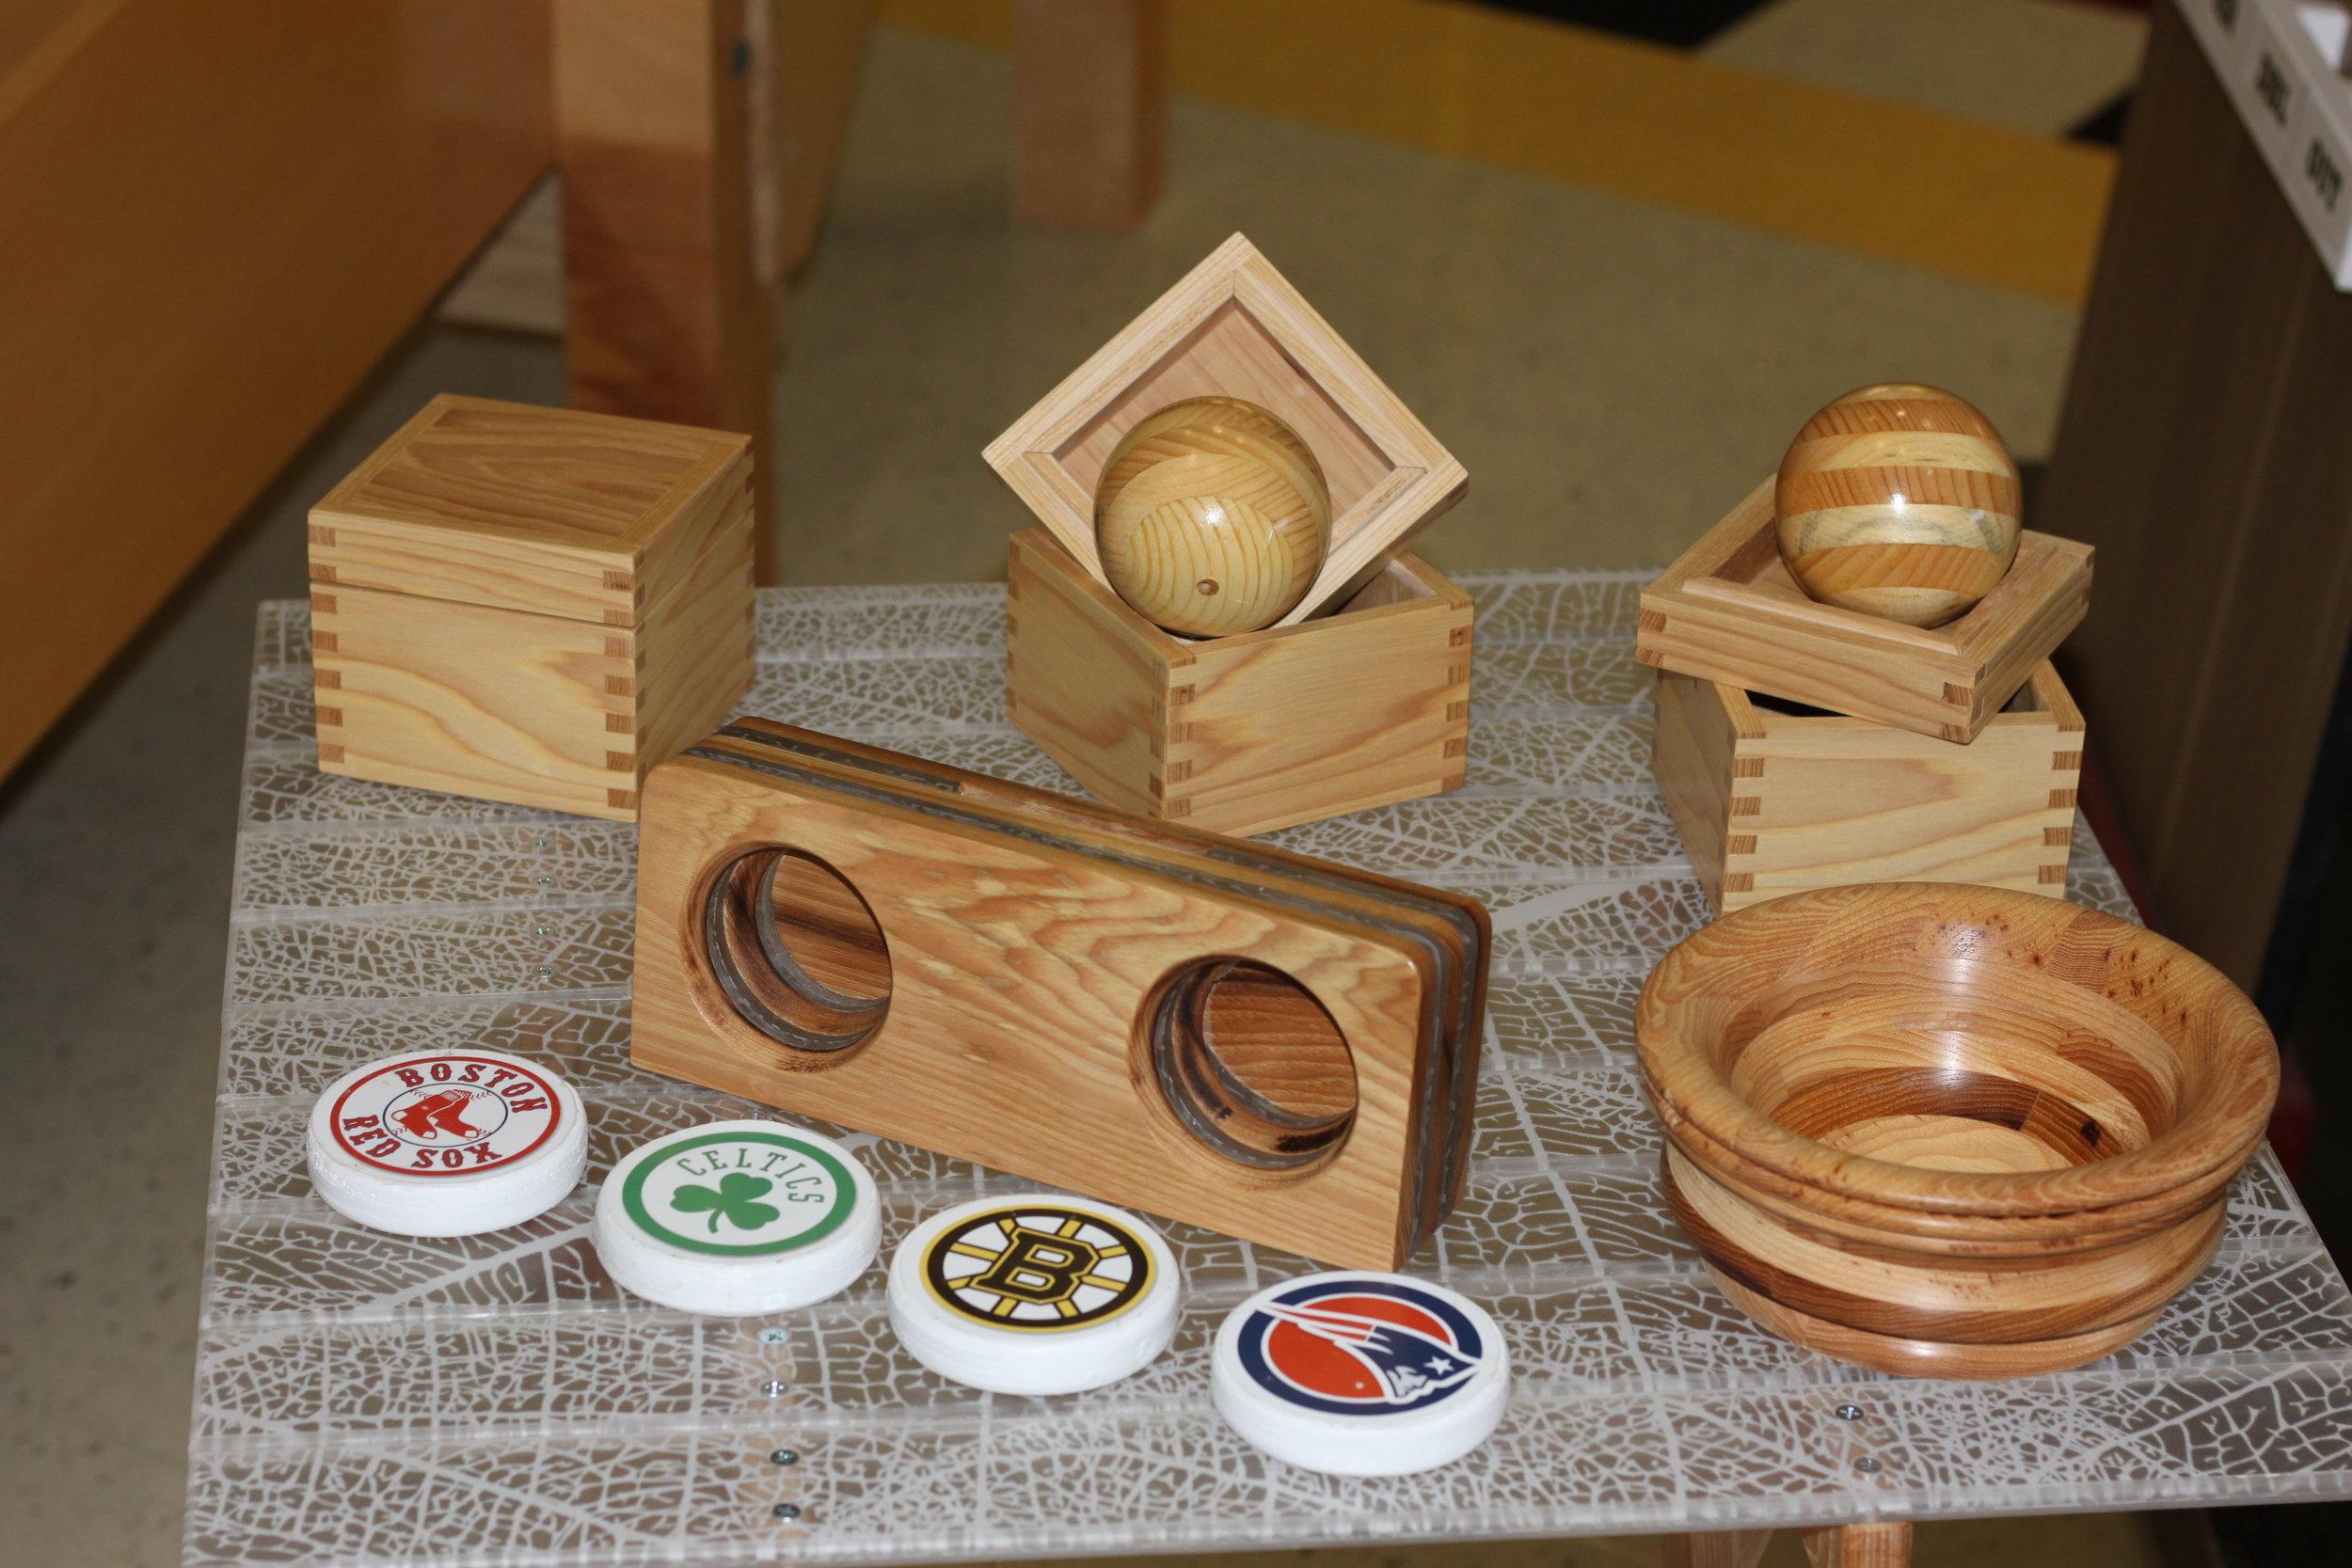 carpentry pucks and skeeballs.jpg